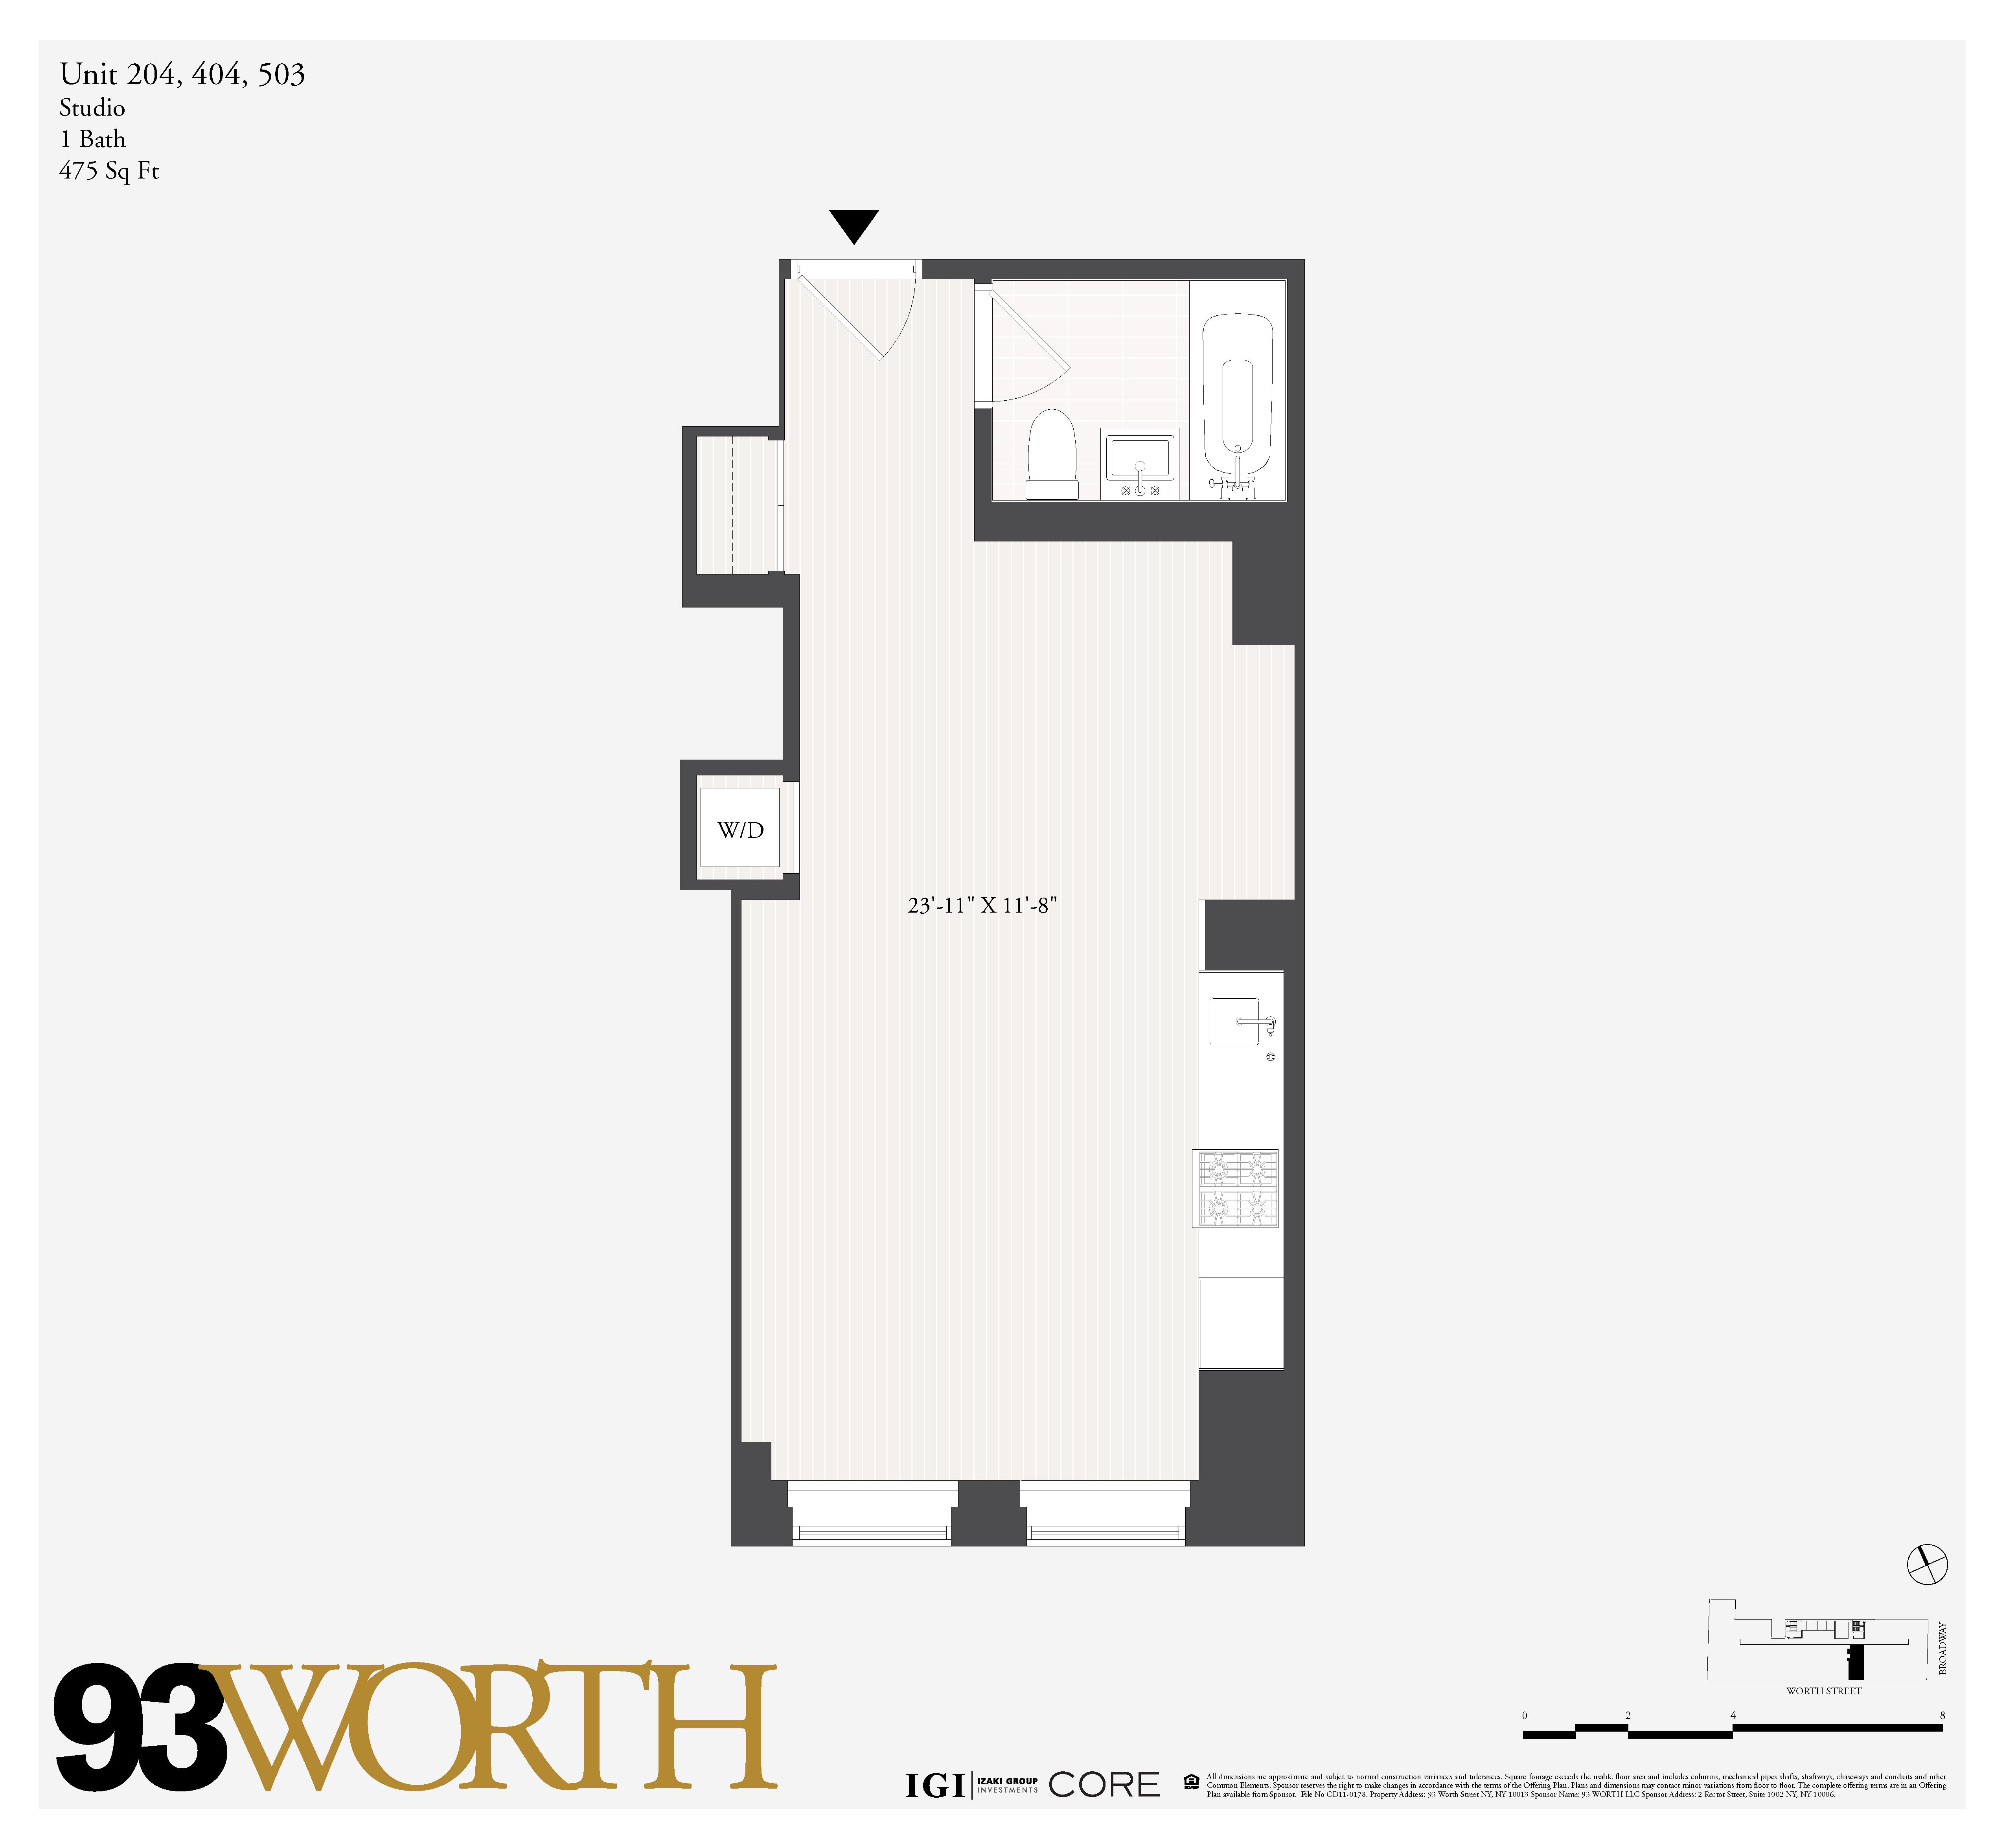 93 Worth St. 204, New York, NY 10013